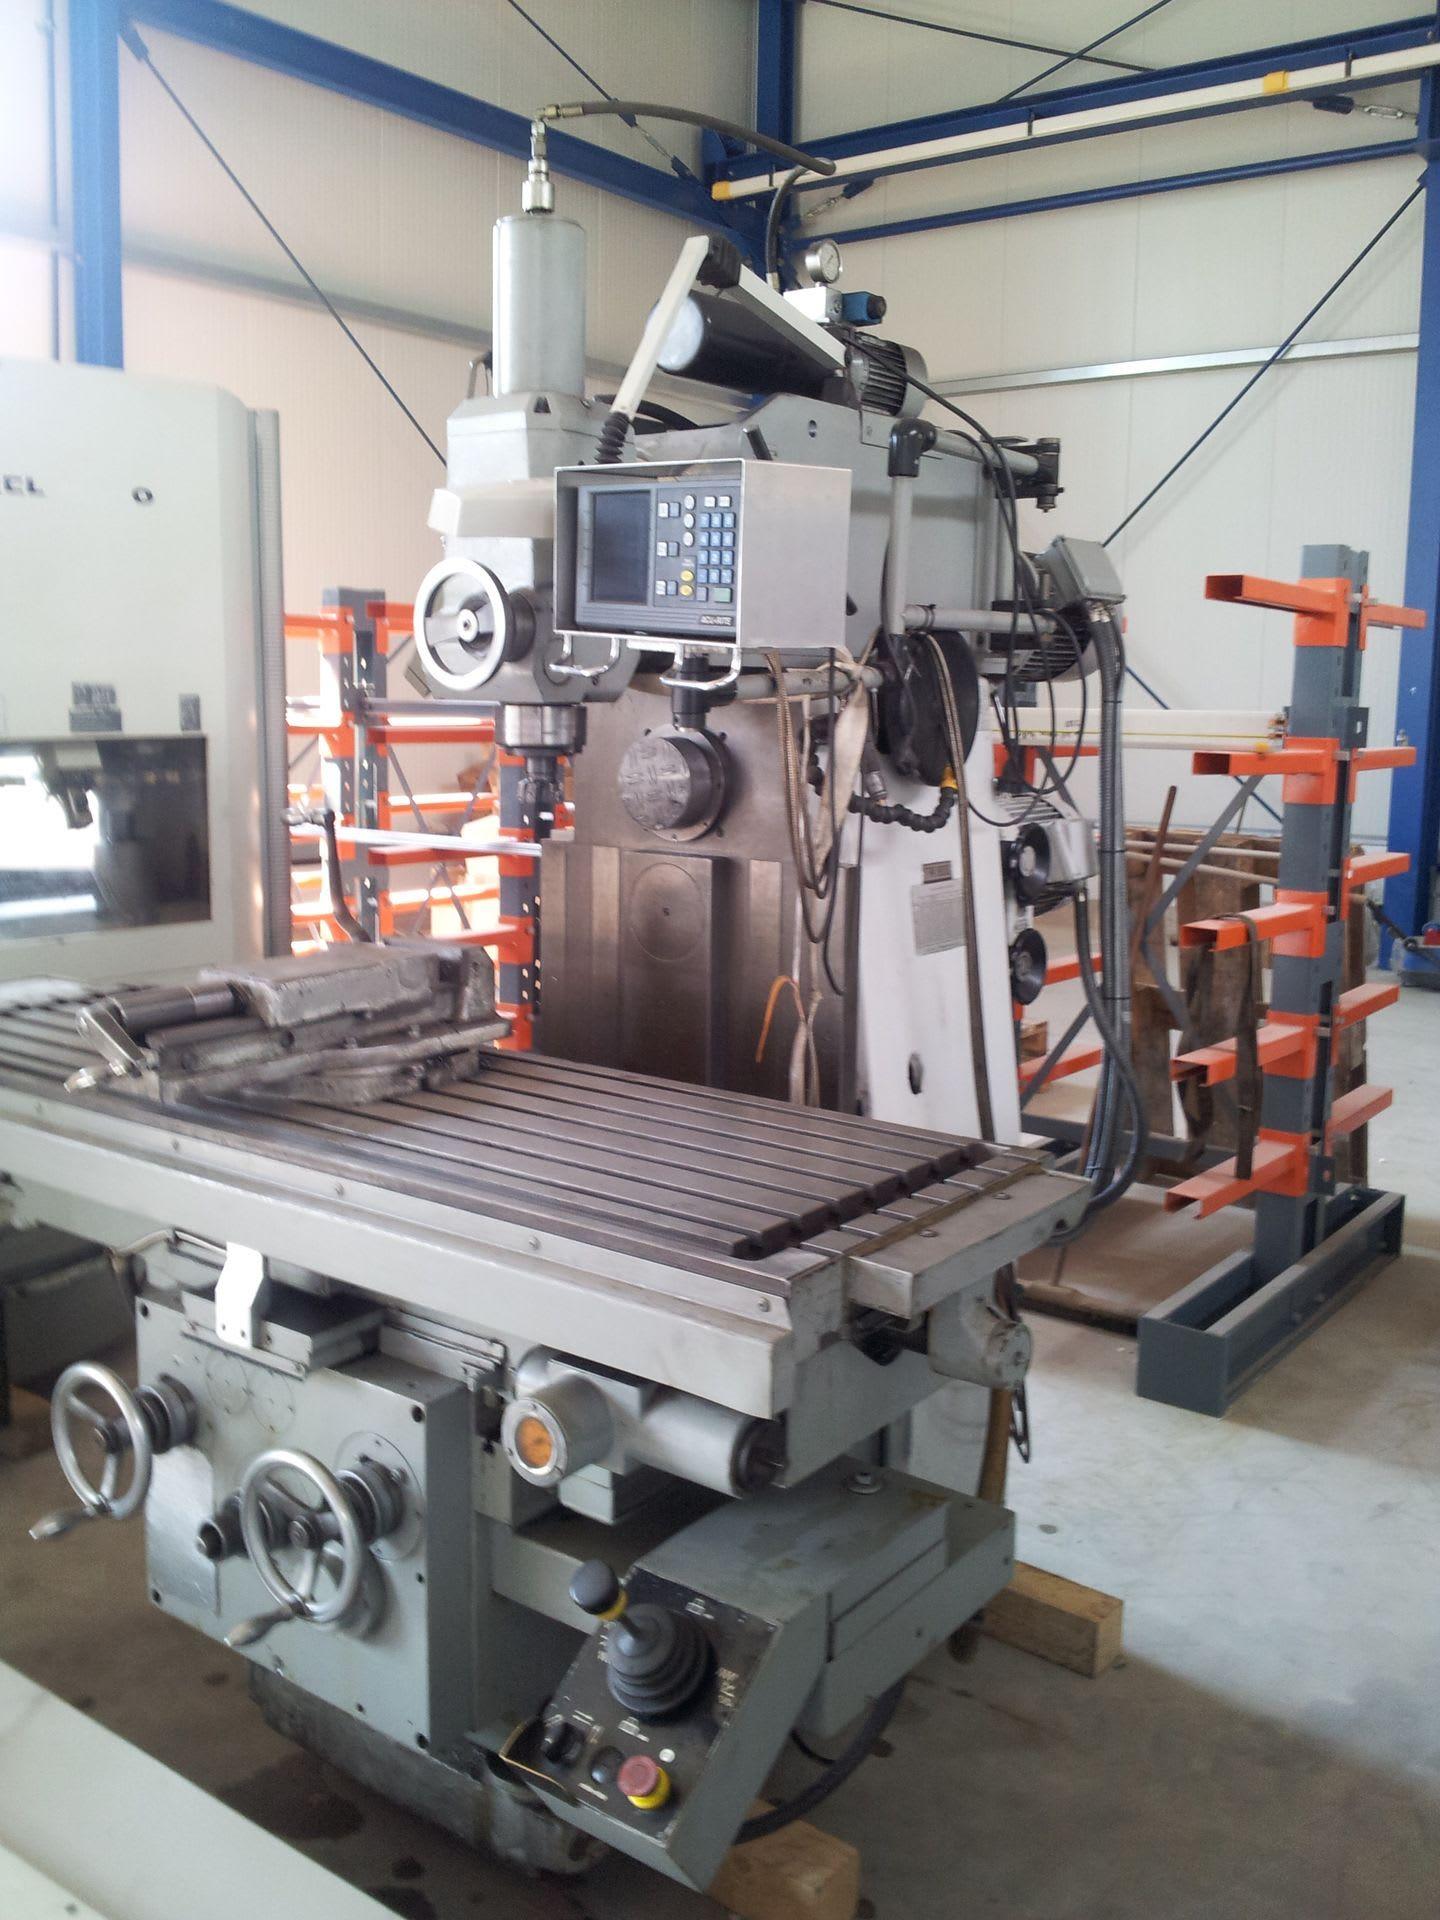 RECKERMANN FW 1800 Universalfräsmaschine